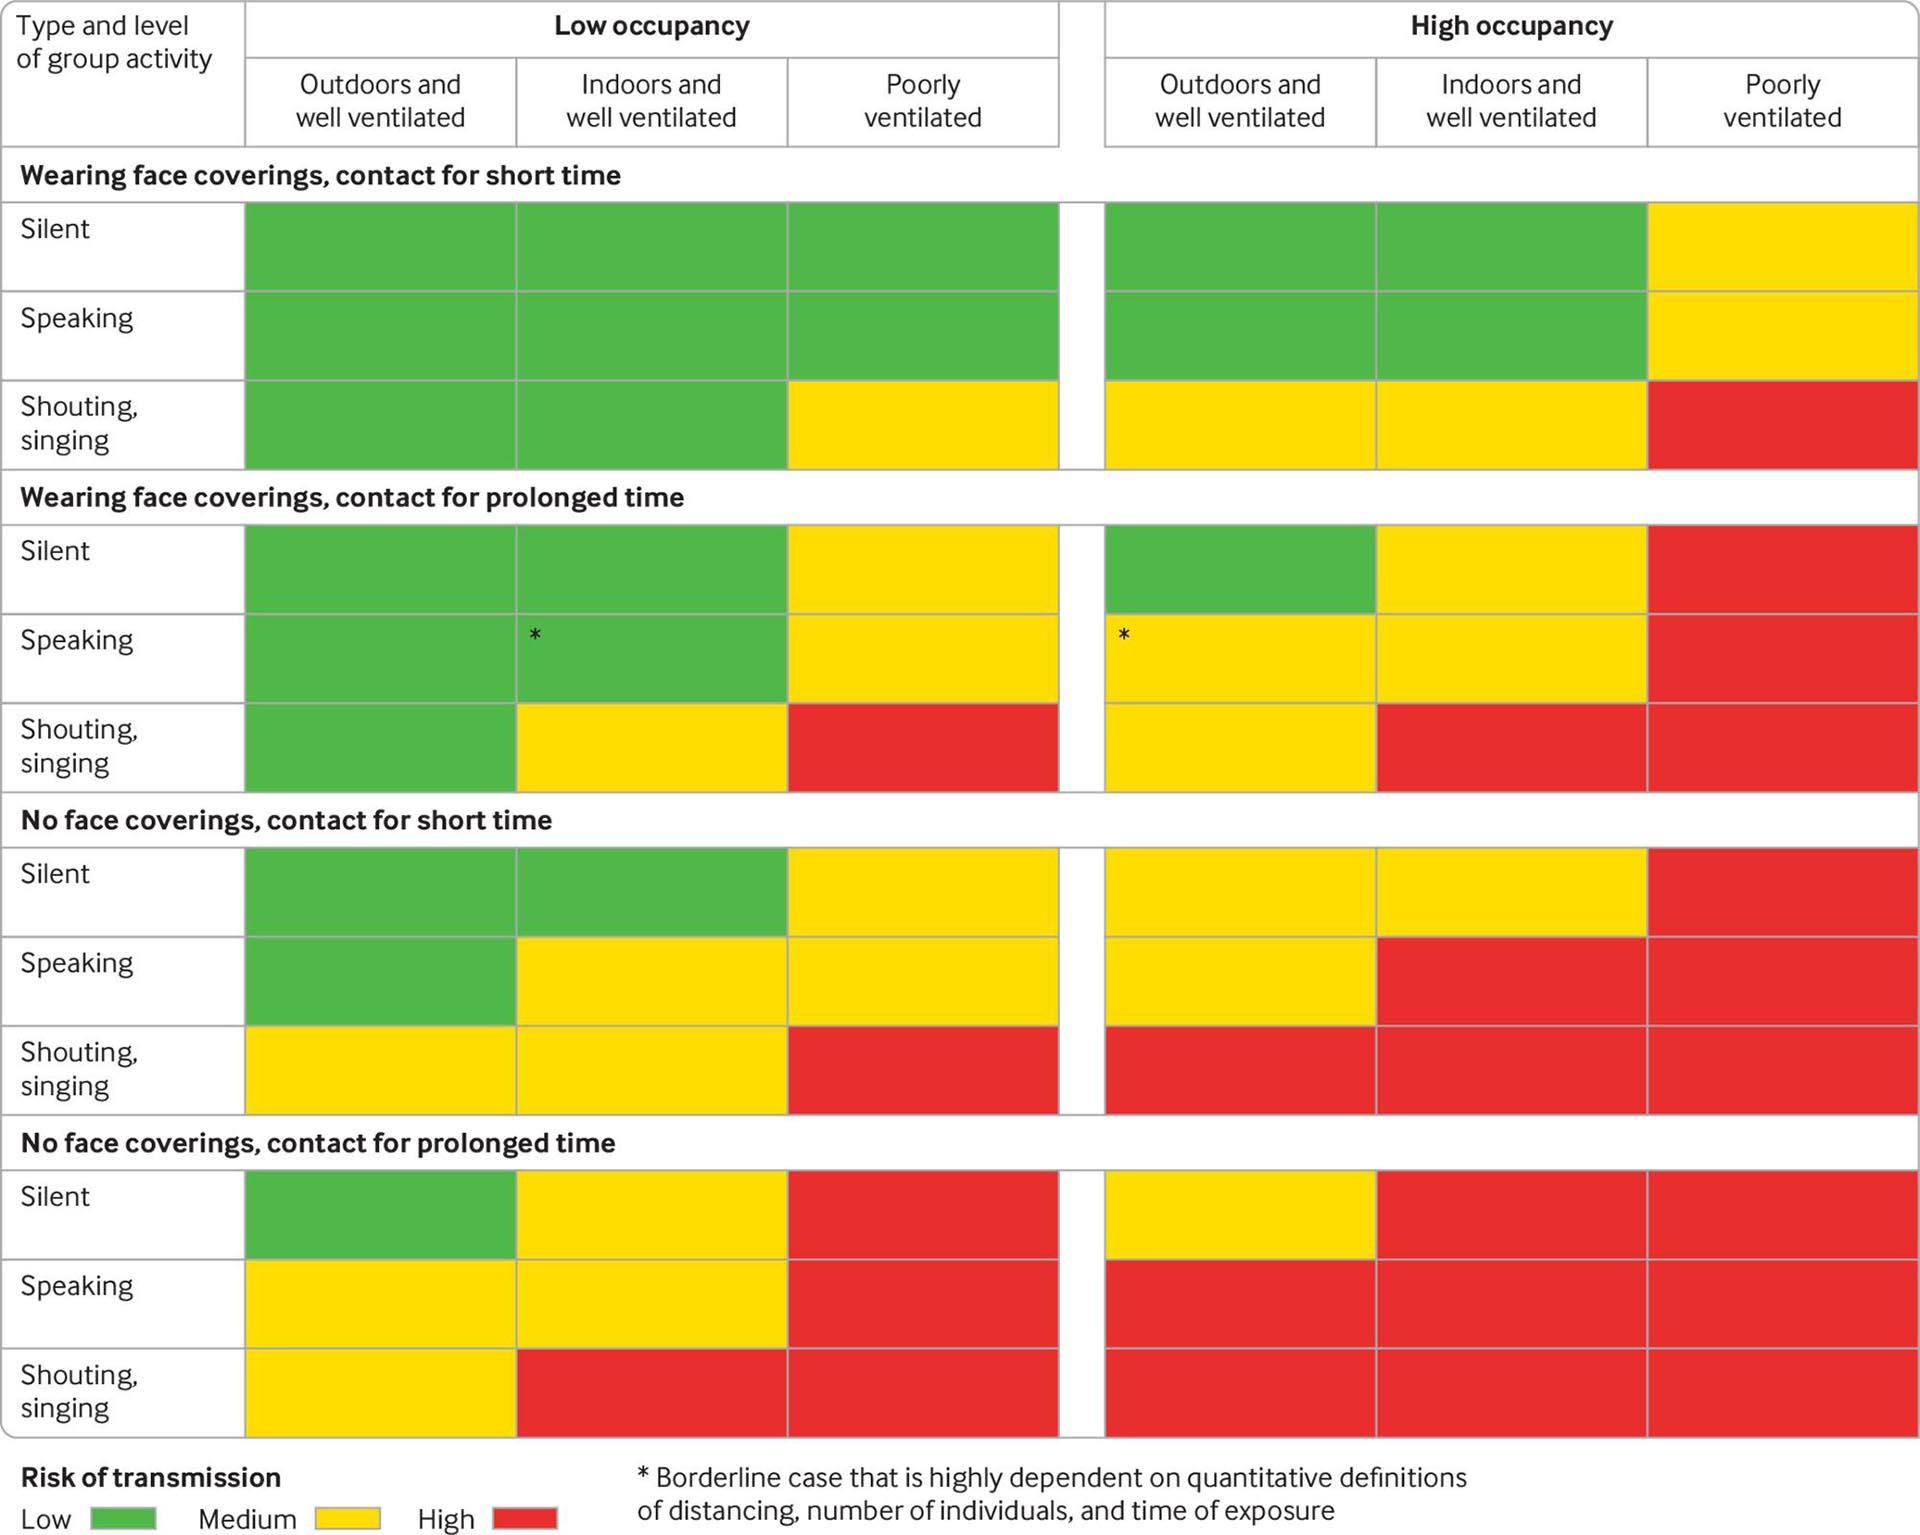 Infografía sobre el riesgo de transmisión de la COVID-19